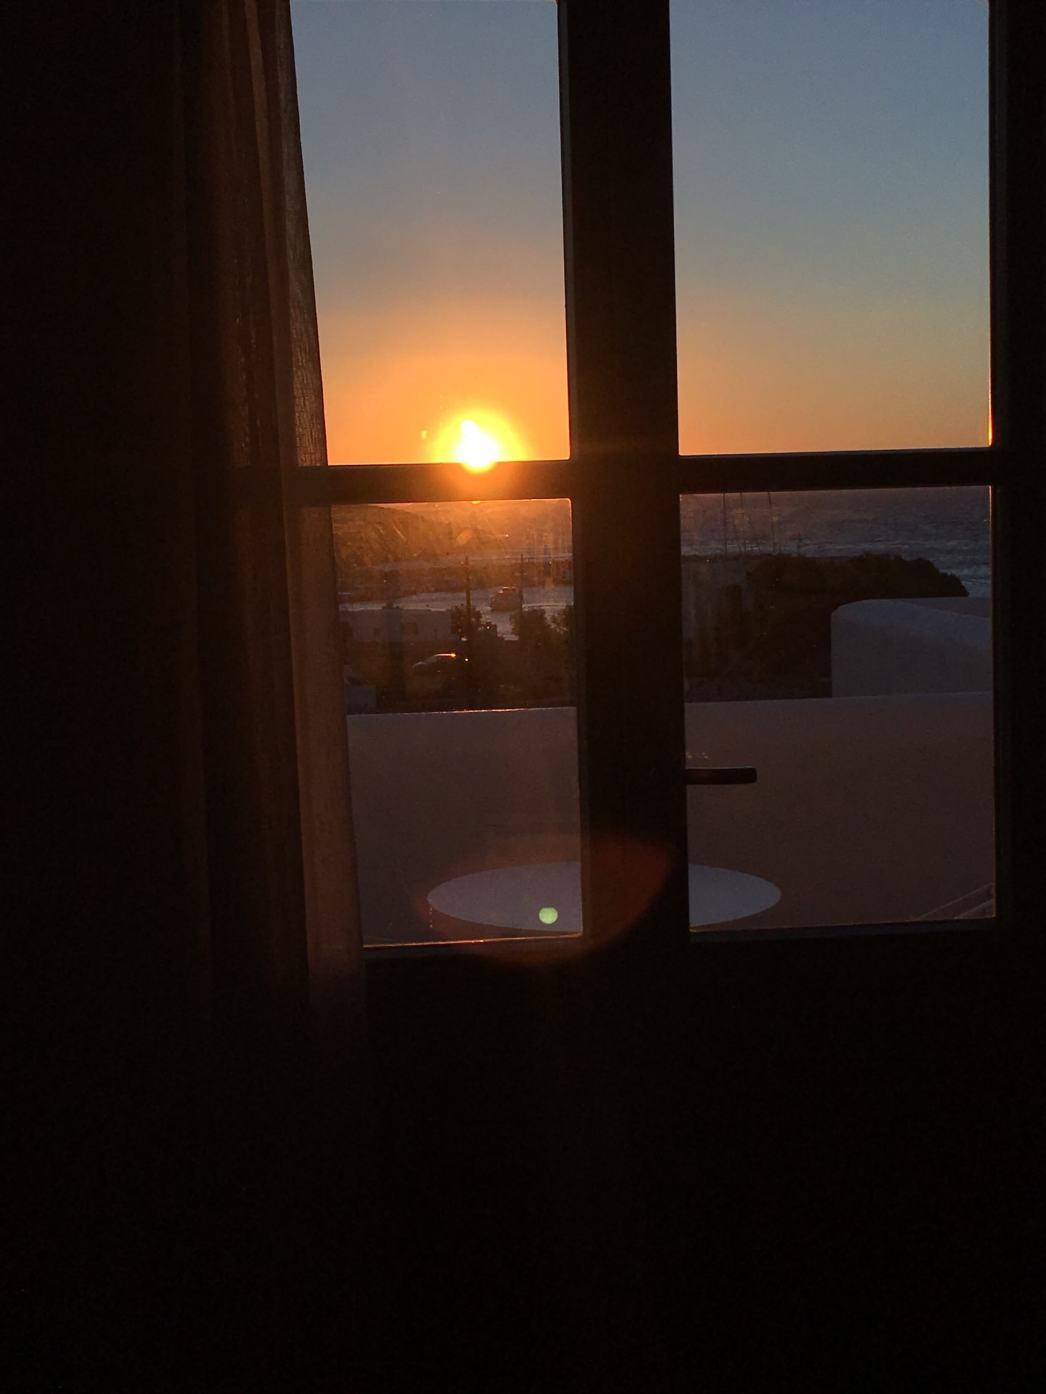 Anemi Hotel sunrise view